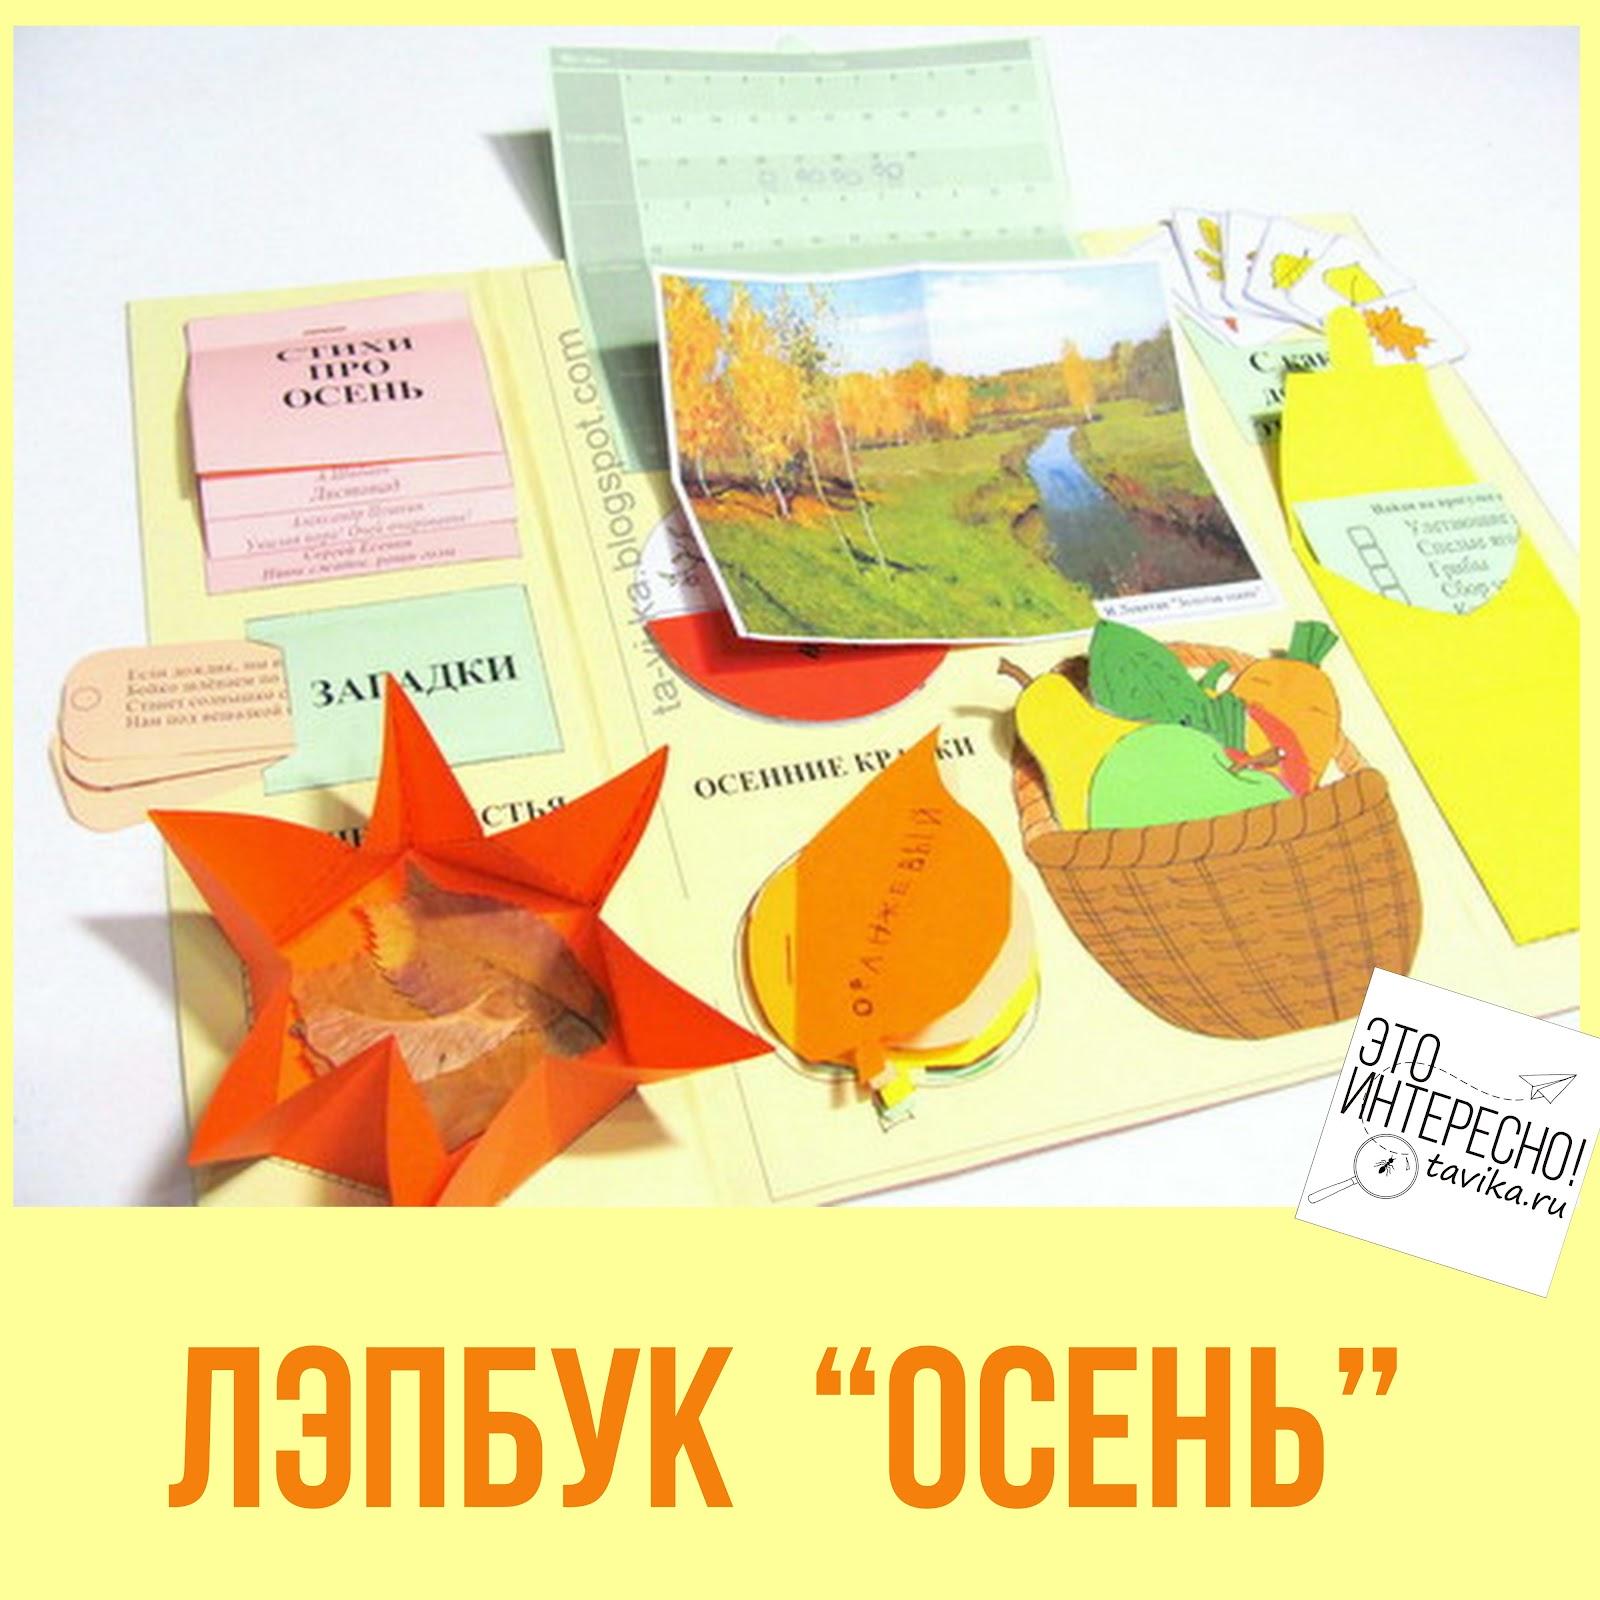 презентация для дошкольников скачать бесплатно осень